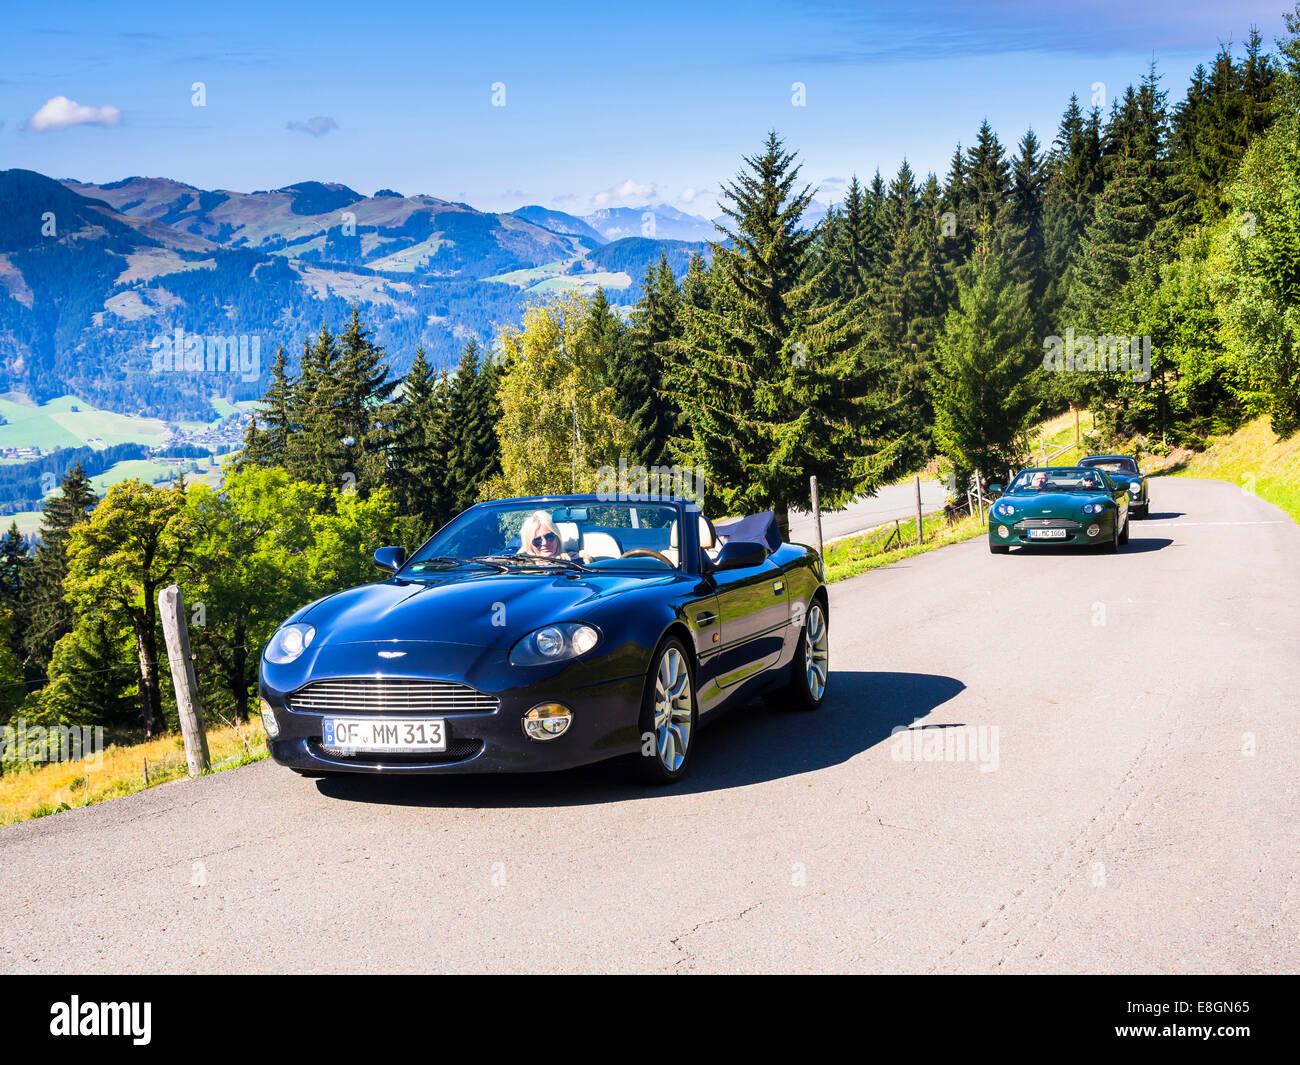 Aston Martin DB7 Vantage Volange Autos auf einer Bergstraße in der Nähe von Kitzbühel, Tirol, Österreich Stockbild